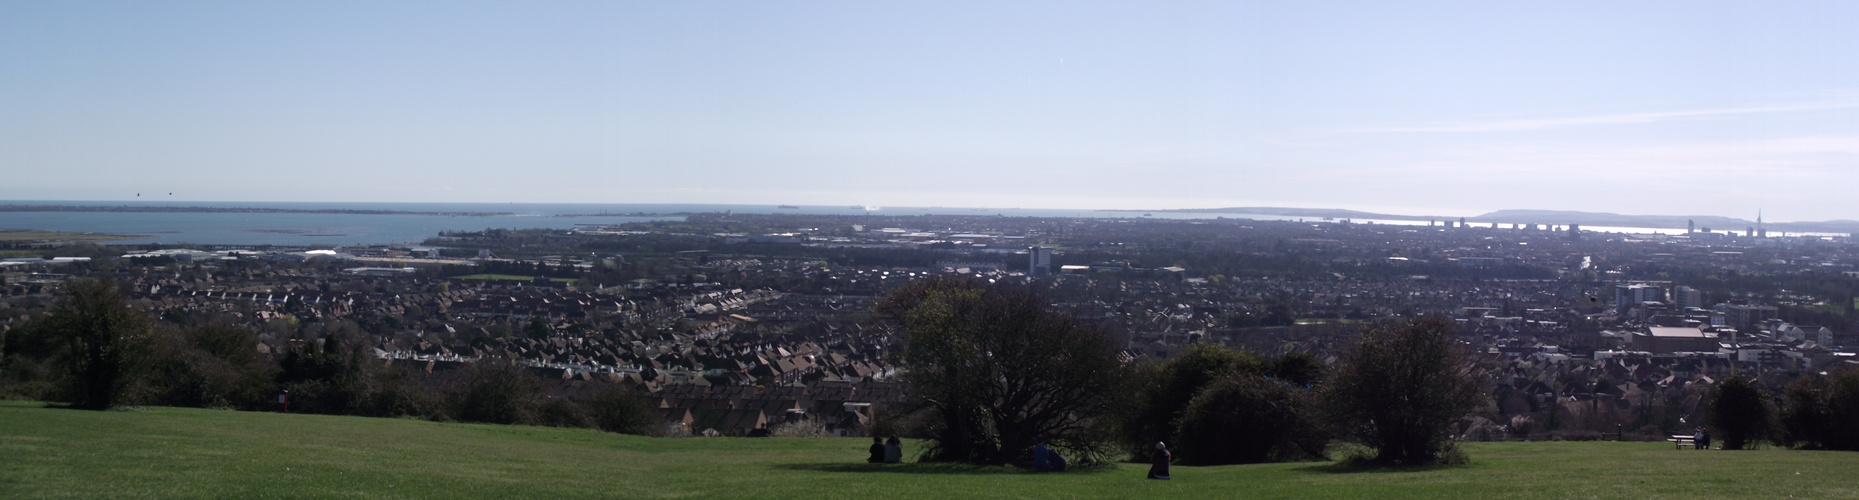 Blick von Portsdown Hill